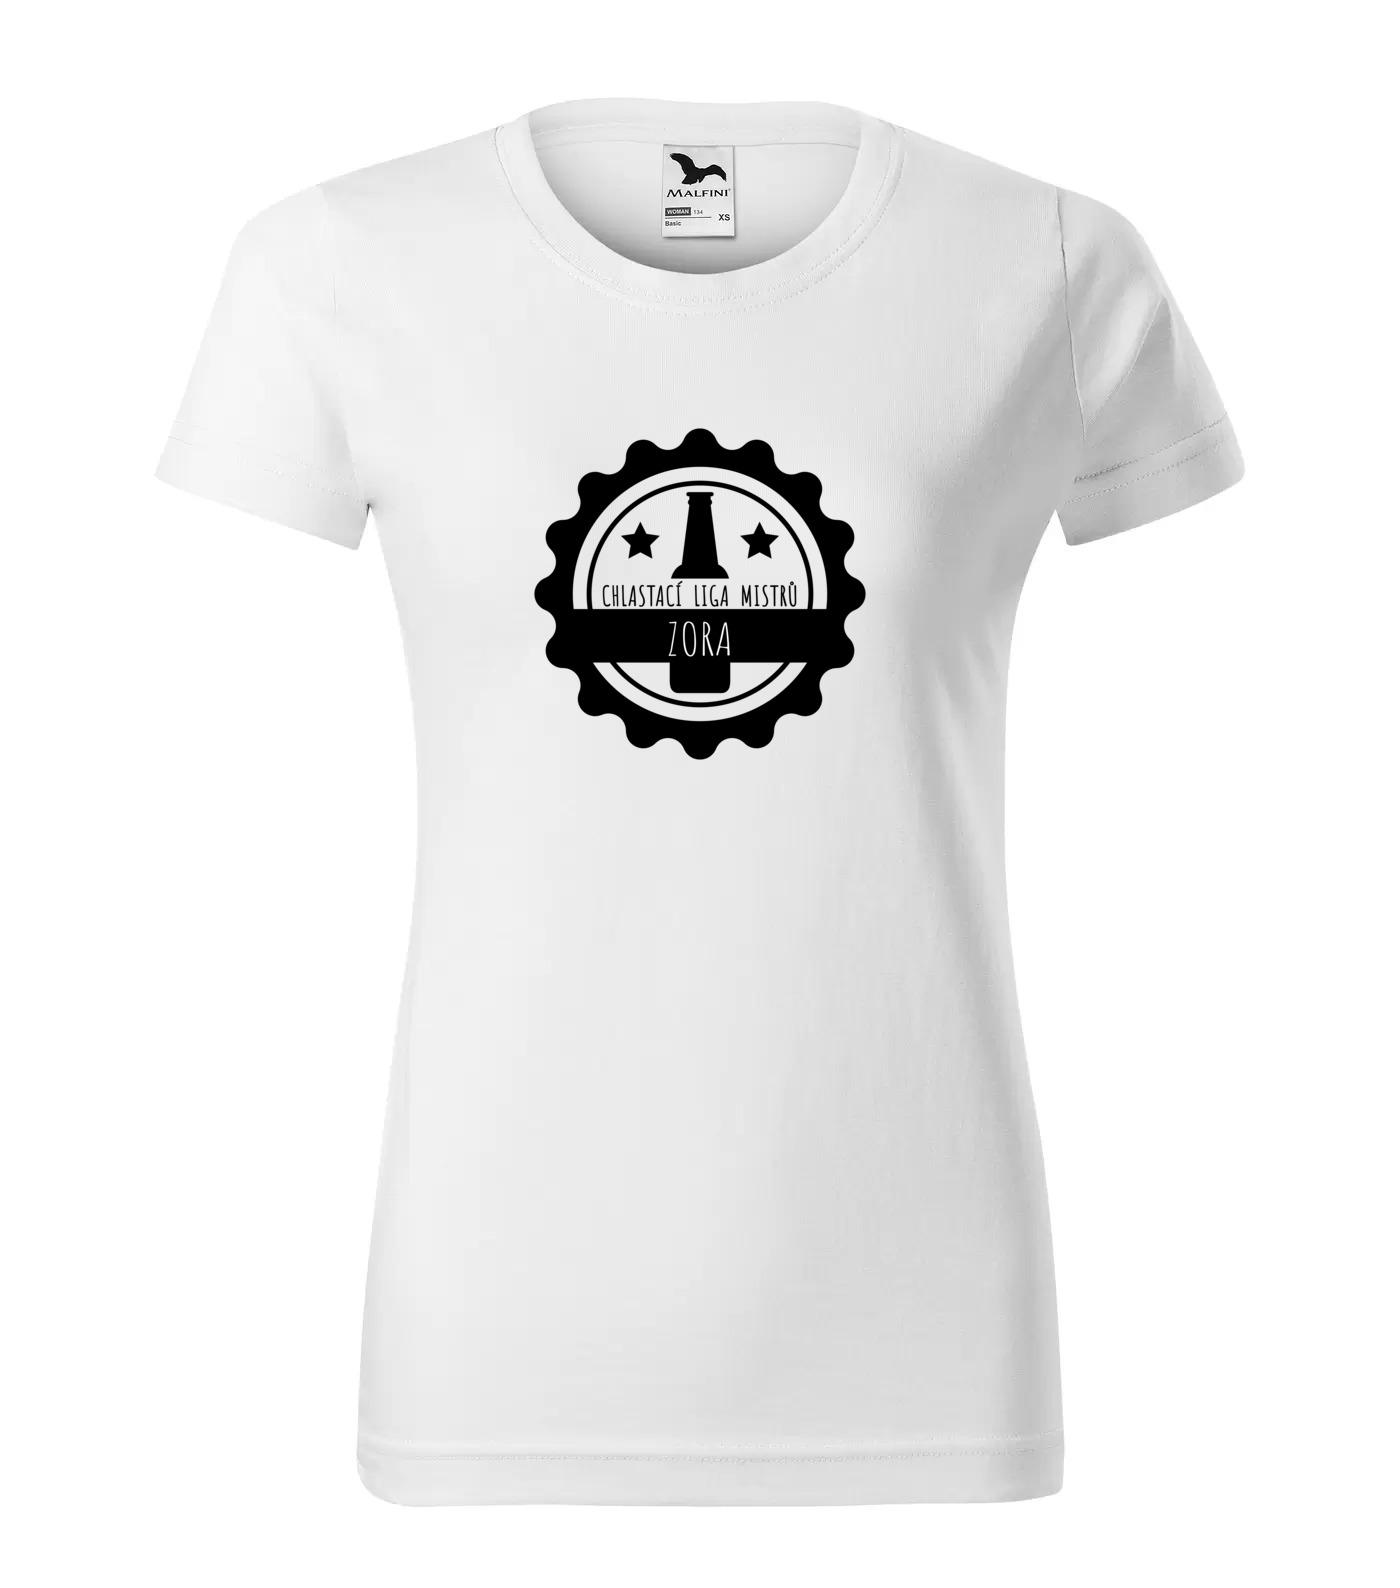 Tričko Chlastací liga žen Zora